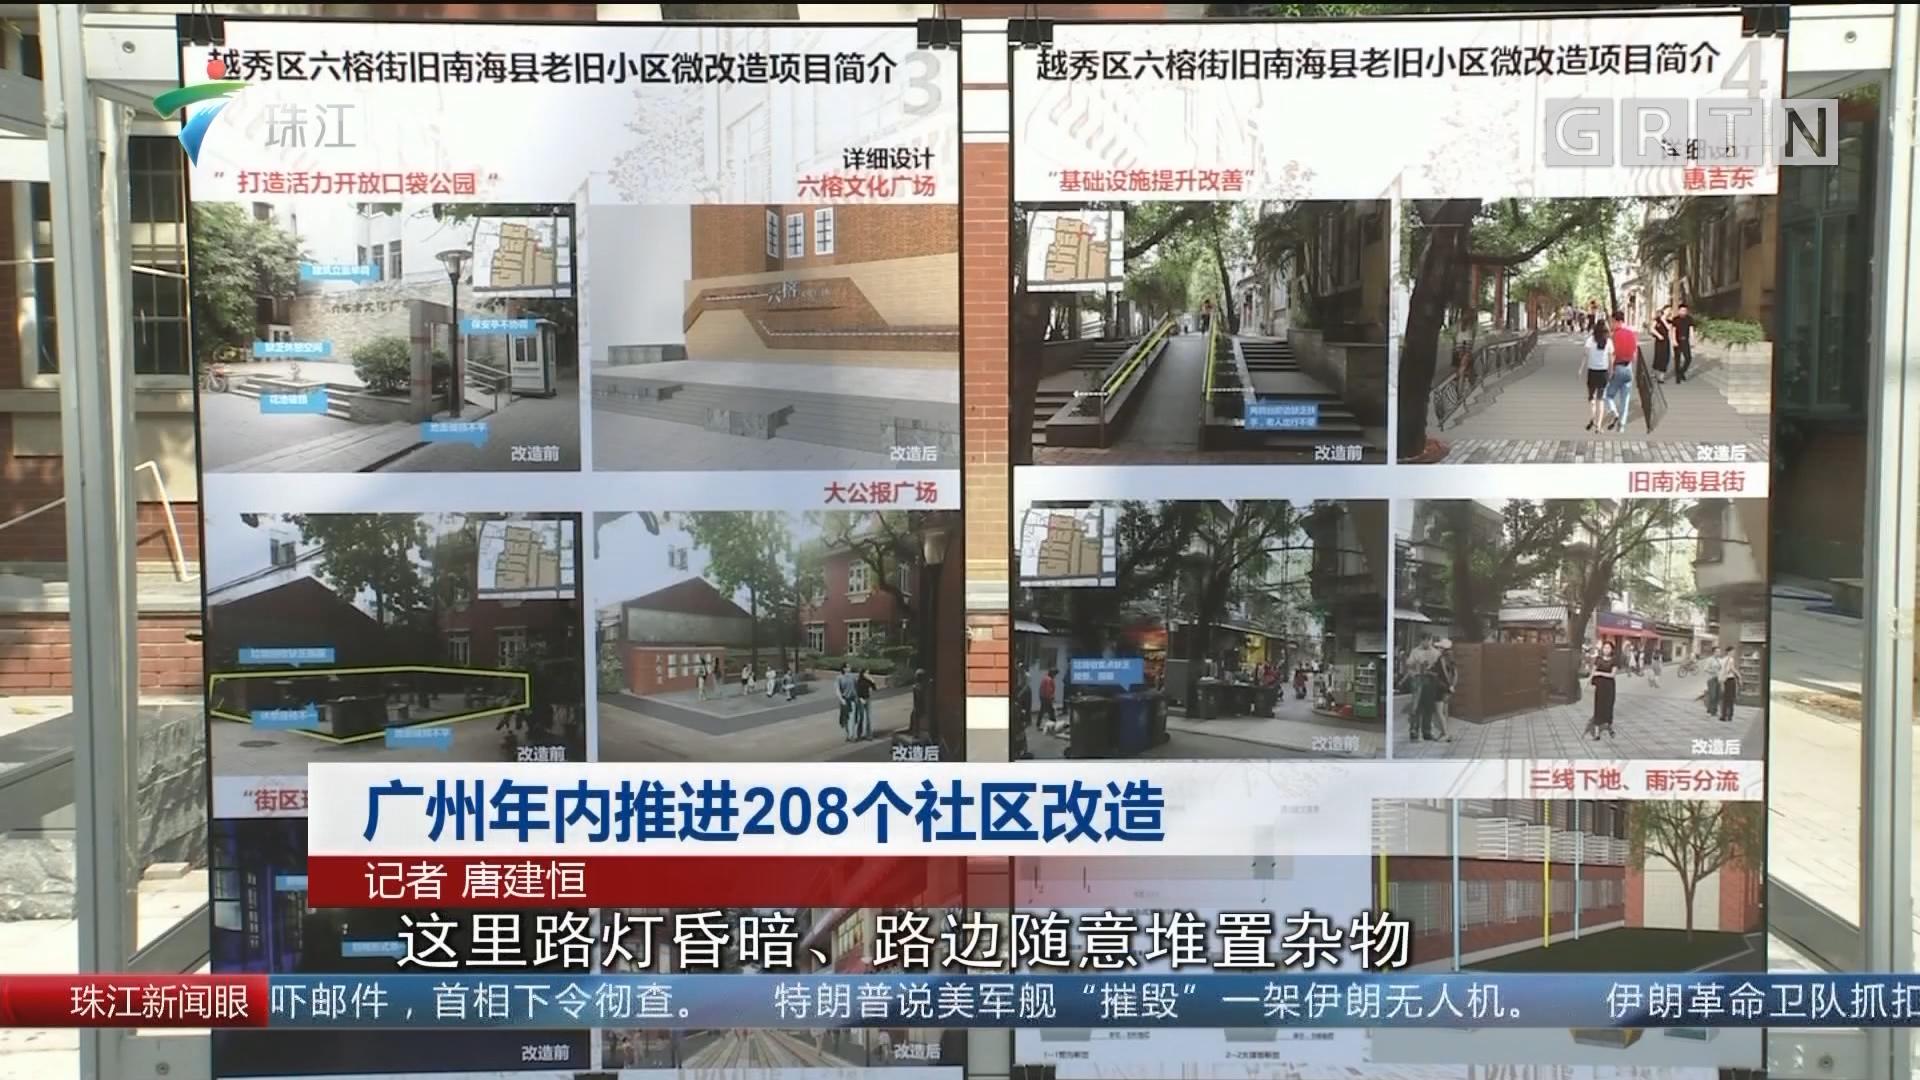 广州年内推进208个社区改造